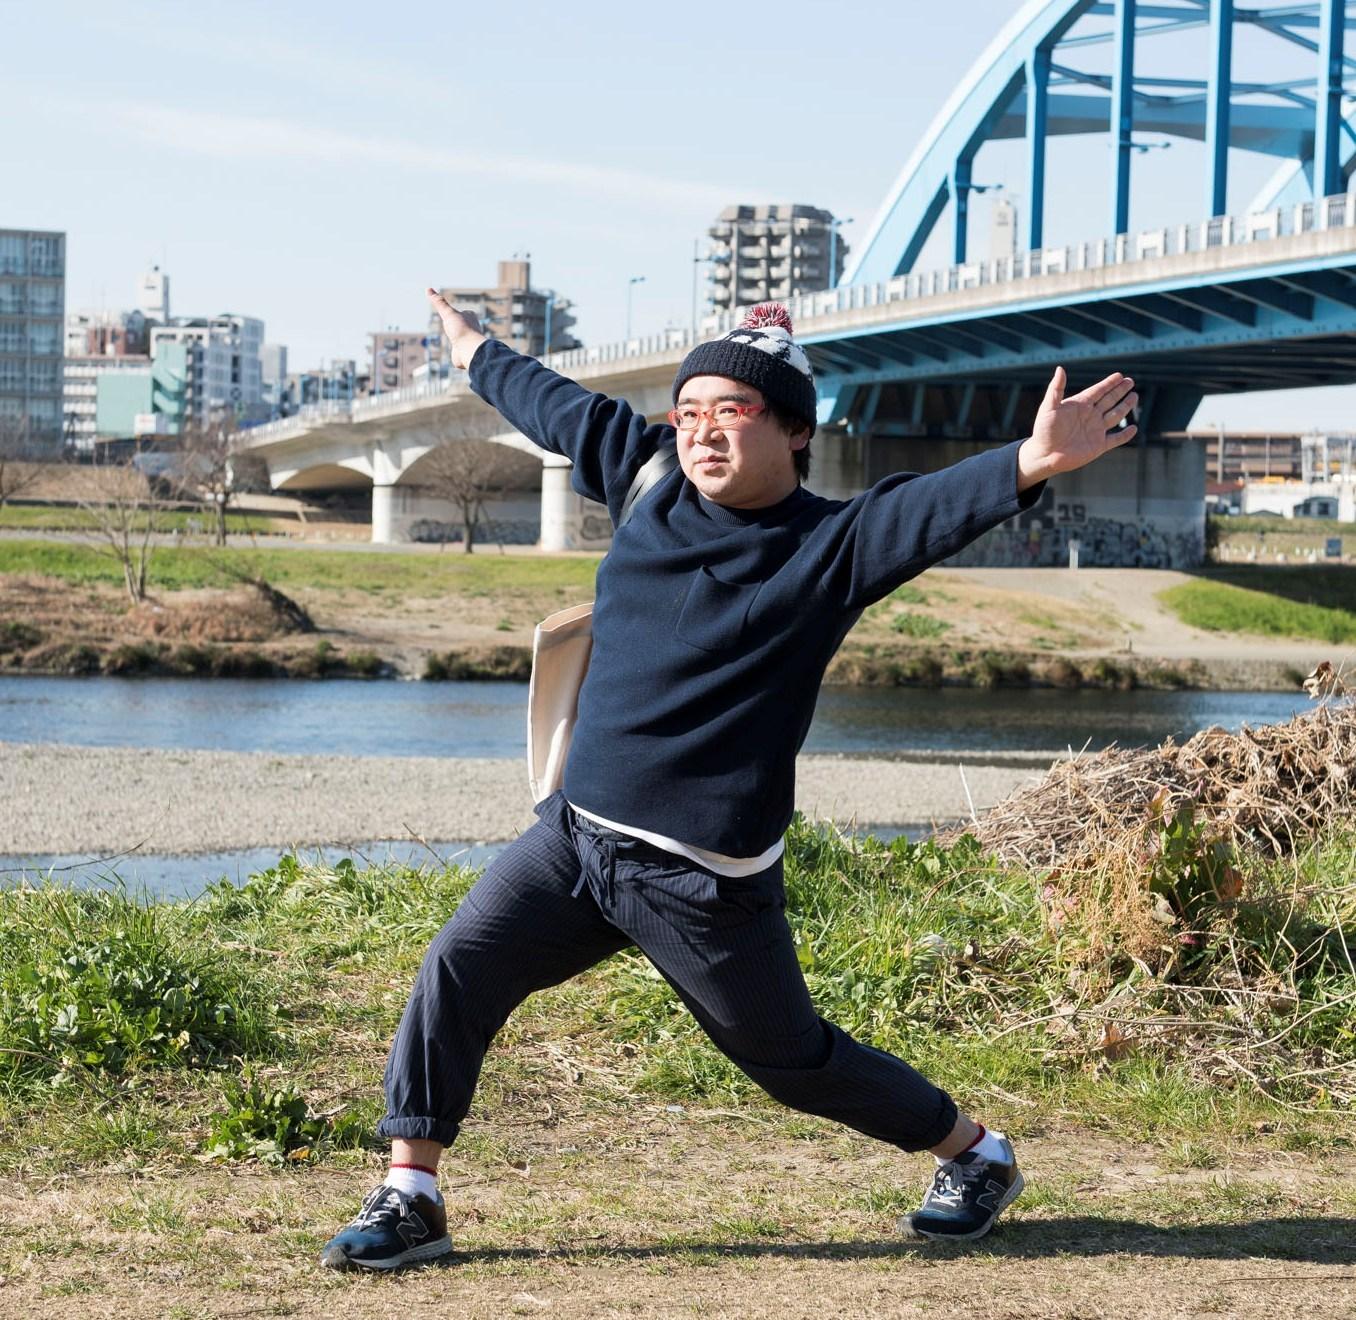 【1月7日】女子と出会いたくて<br />多摩川に七草を探しに行ったら<br />「素敵な出逢い」がありました。